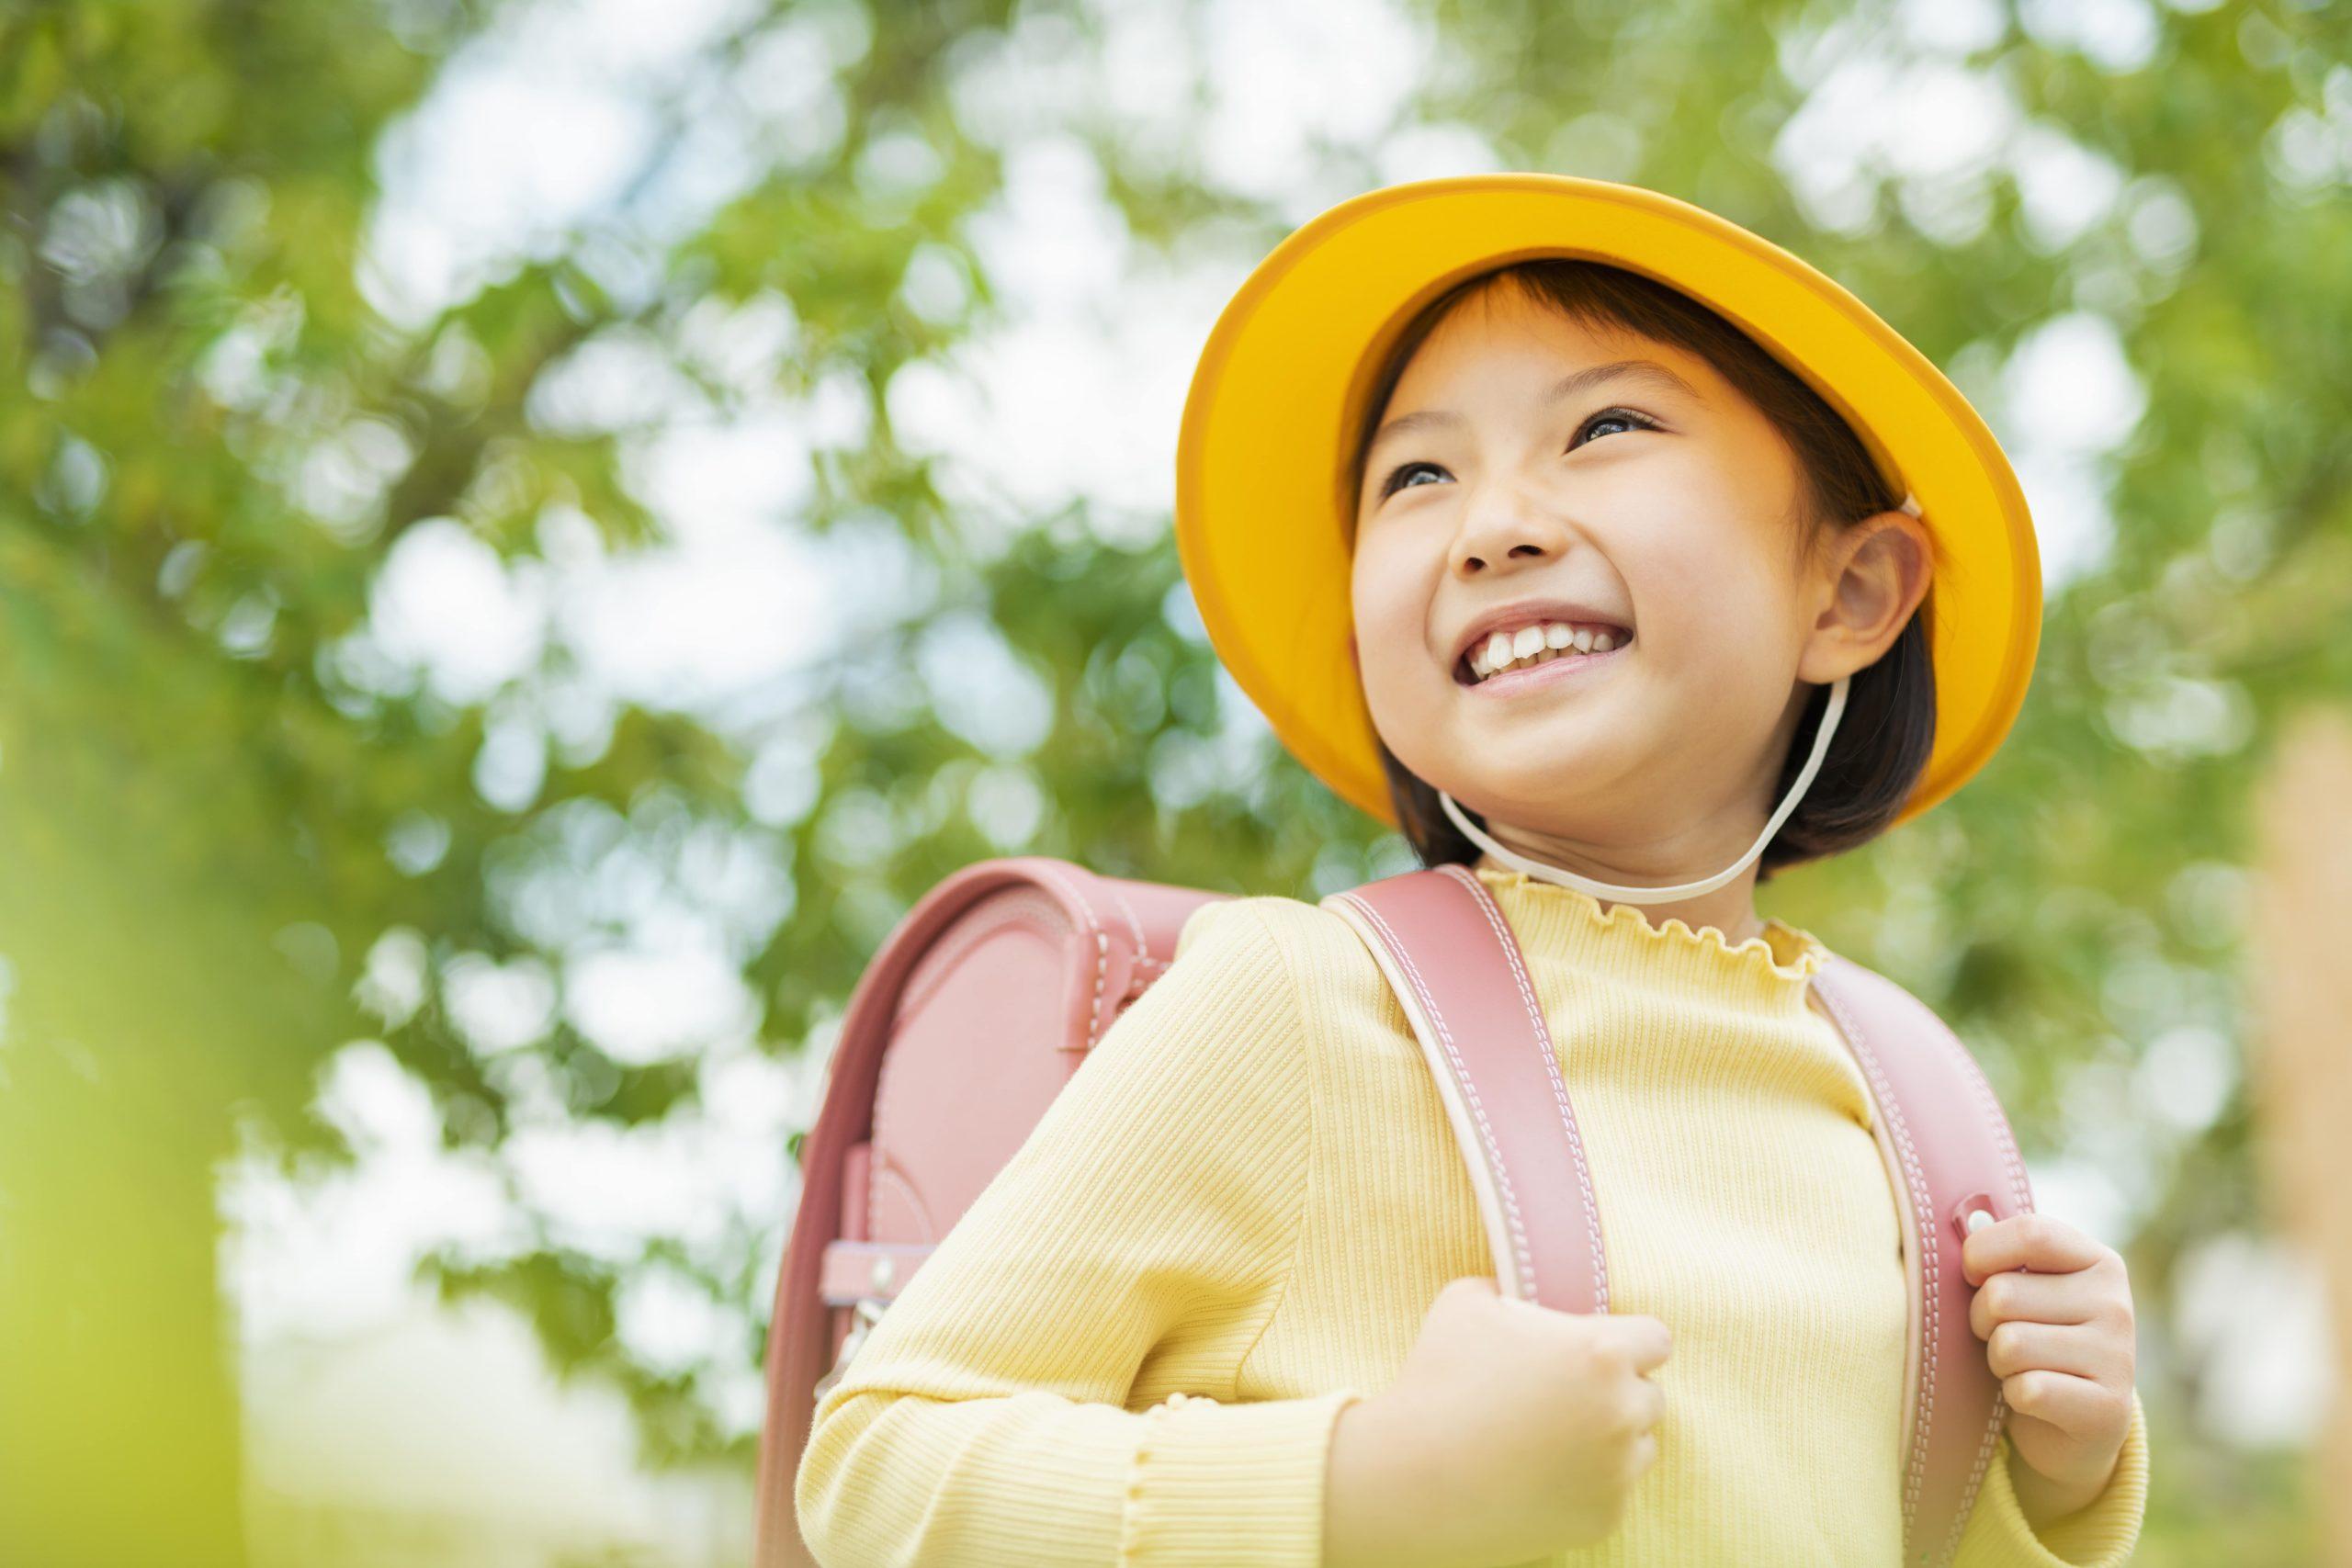 知っていますか?境界知能丨意味や子どもの割合、特徴、対応策をまるごと解説!の画像3